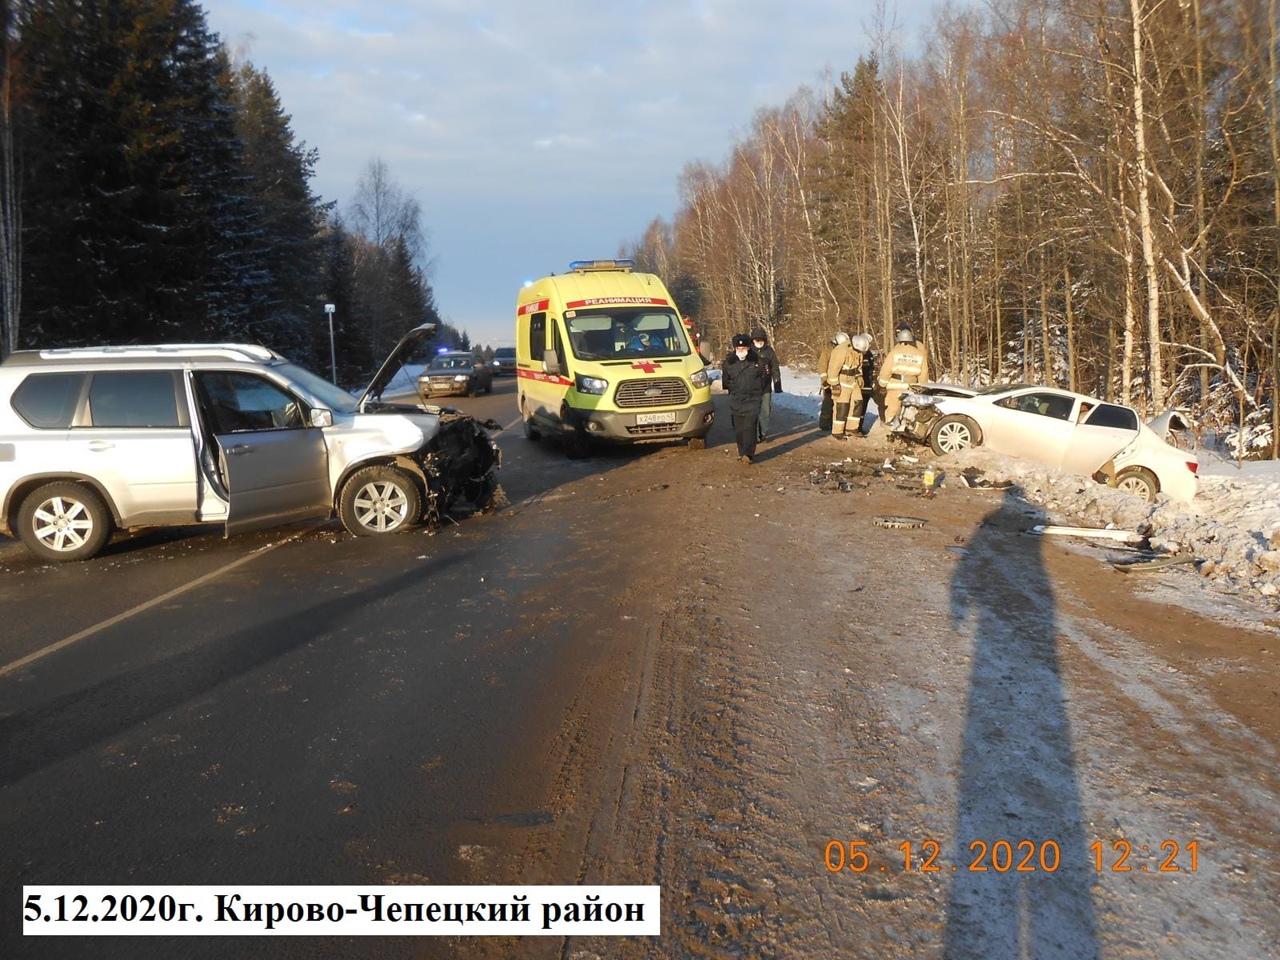 В результате двух лобовых ДТП в Кирово-Чепецком районе пострадали 8 человек